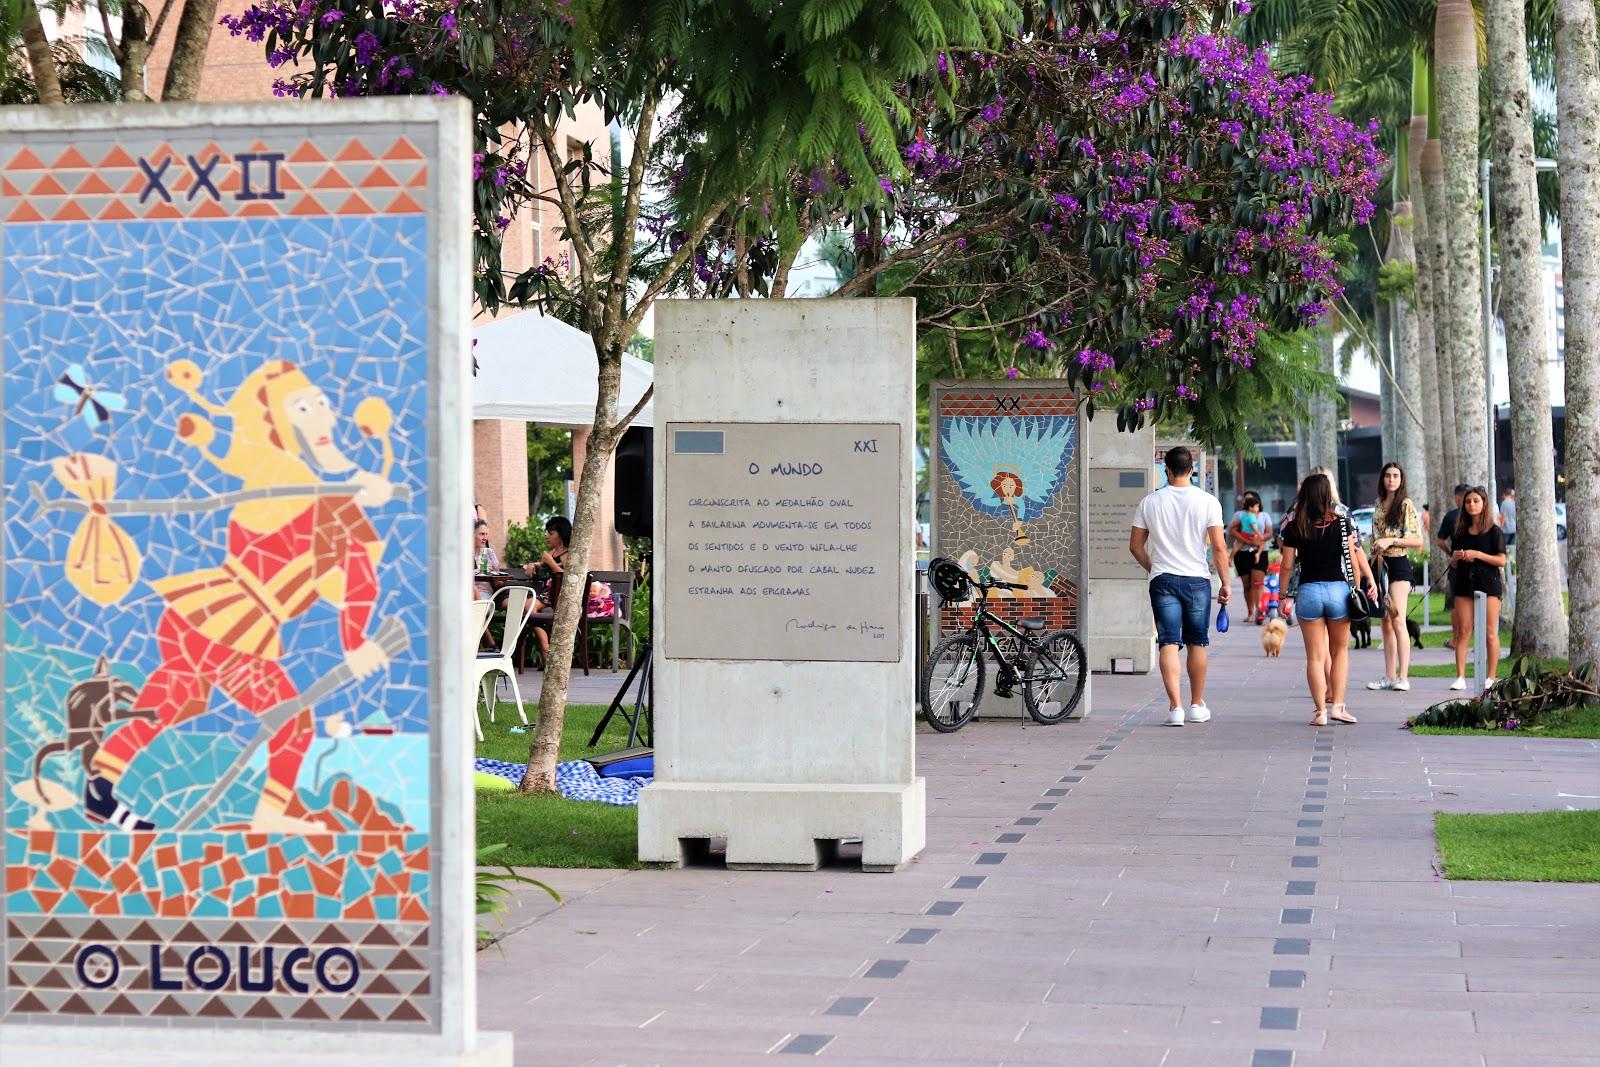 foto das calçadas do Passeio pedra Branca com obras de arte